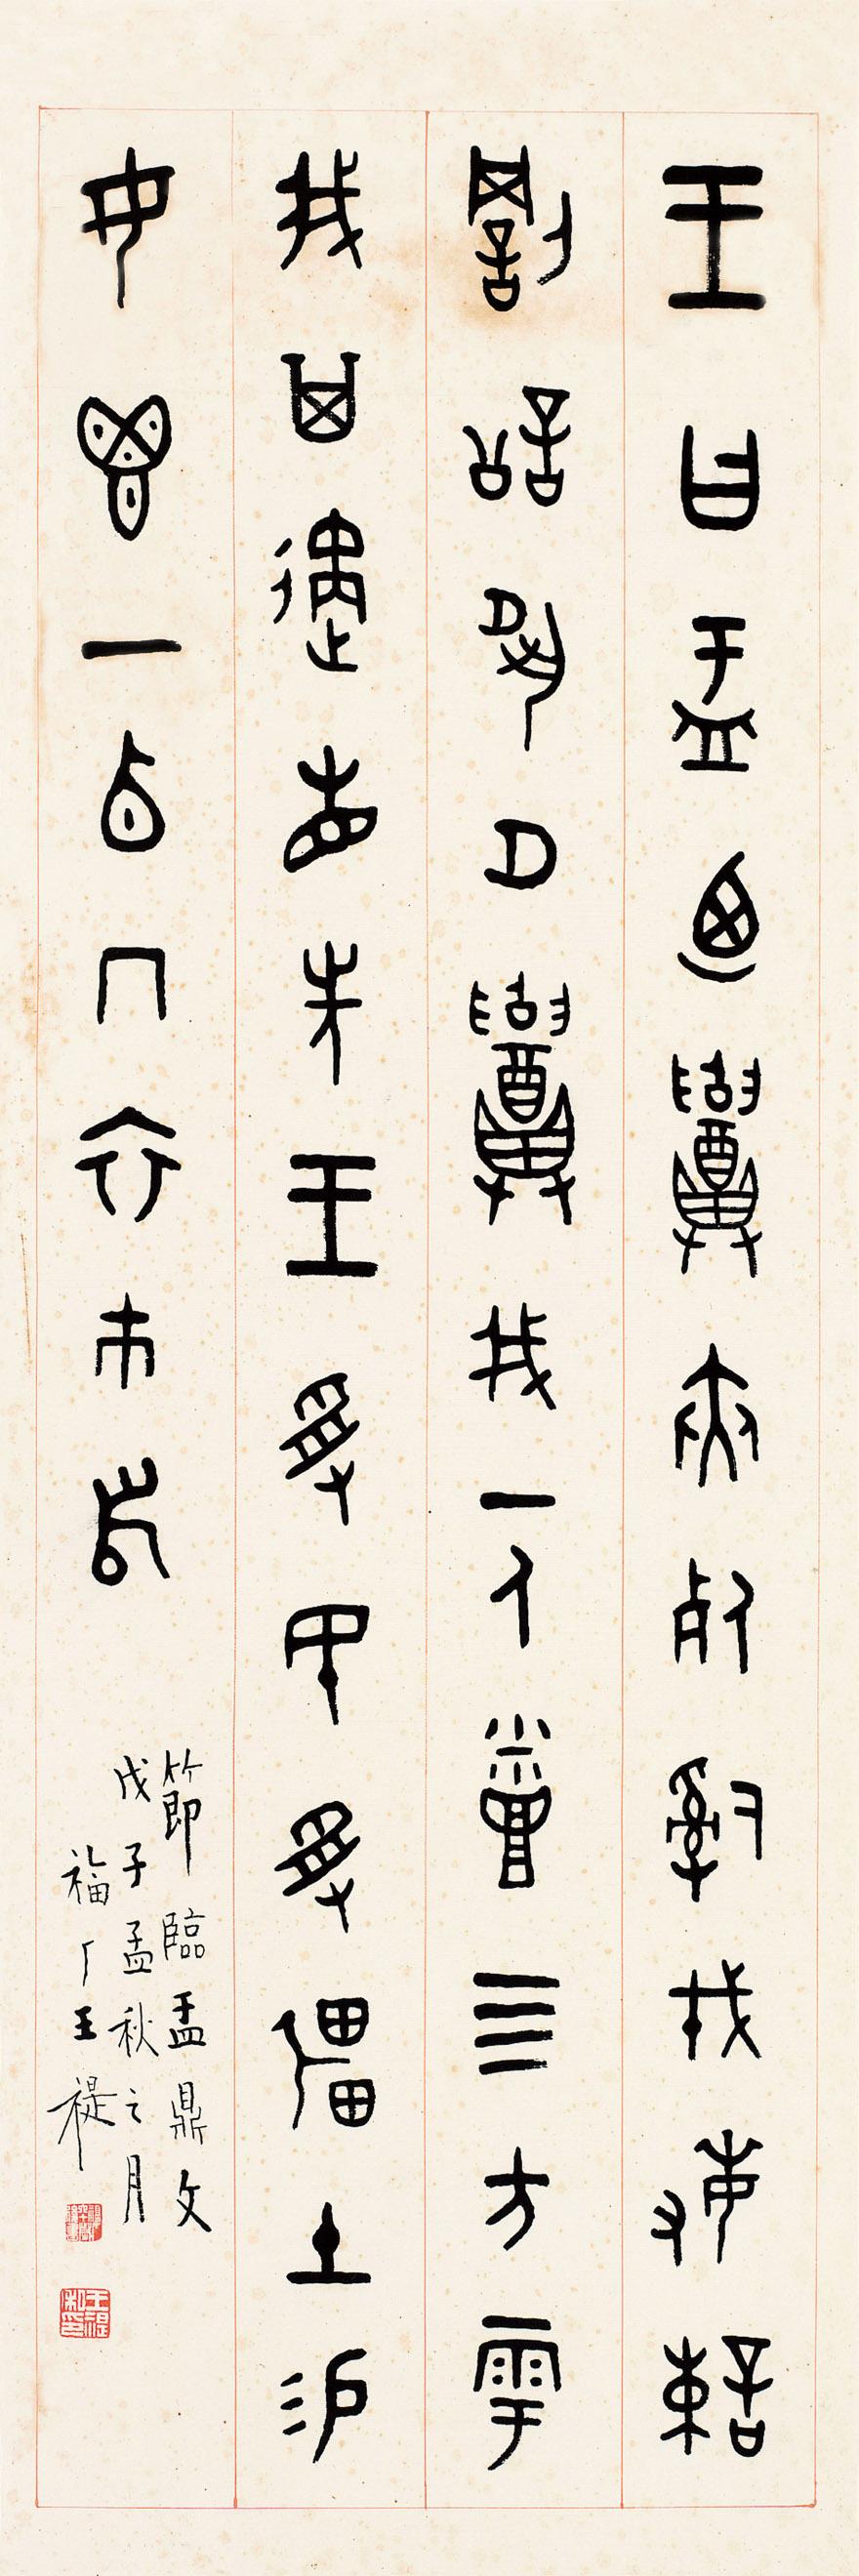 篆书节临盂鼎文